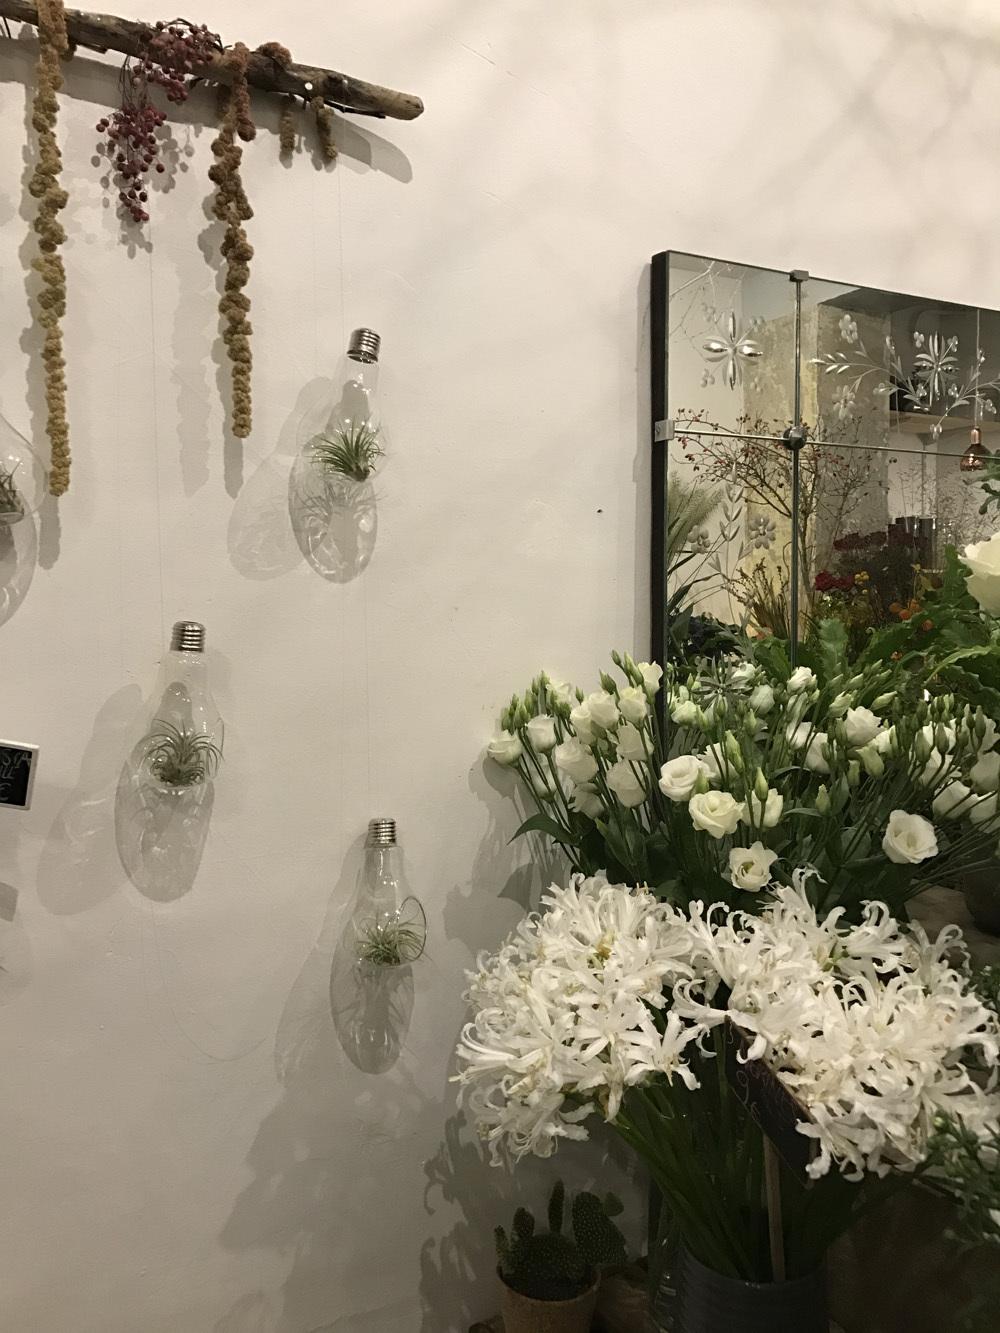 パリのお花屋さん・marianne のバースデー(パリ便り その2)_c0176078_15060231.jpg